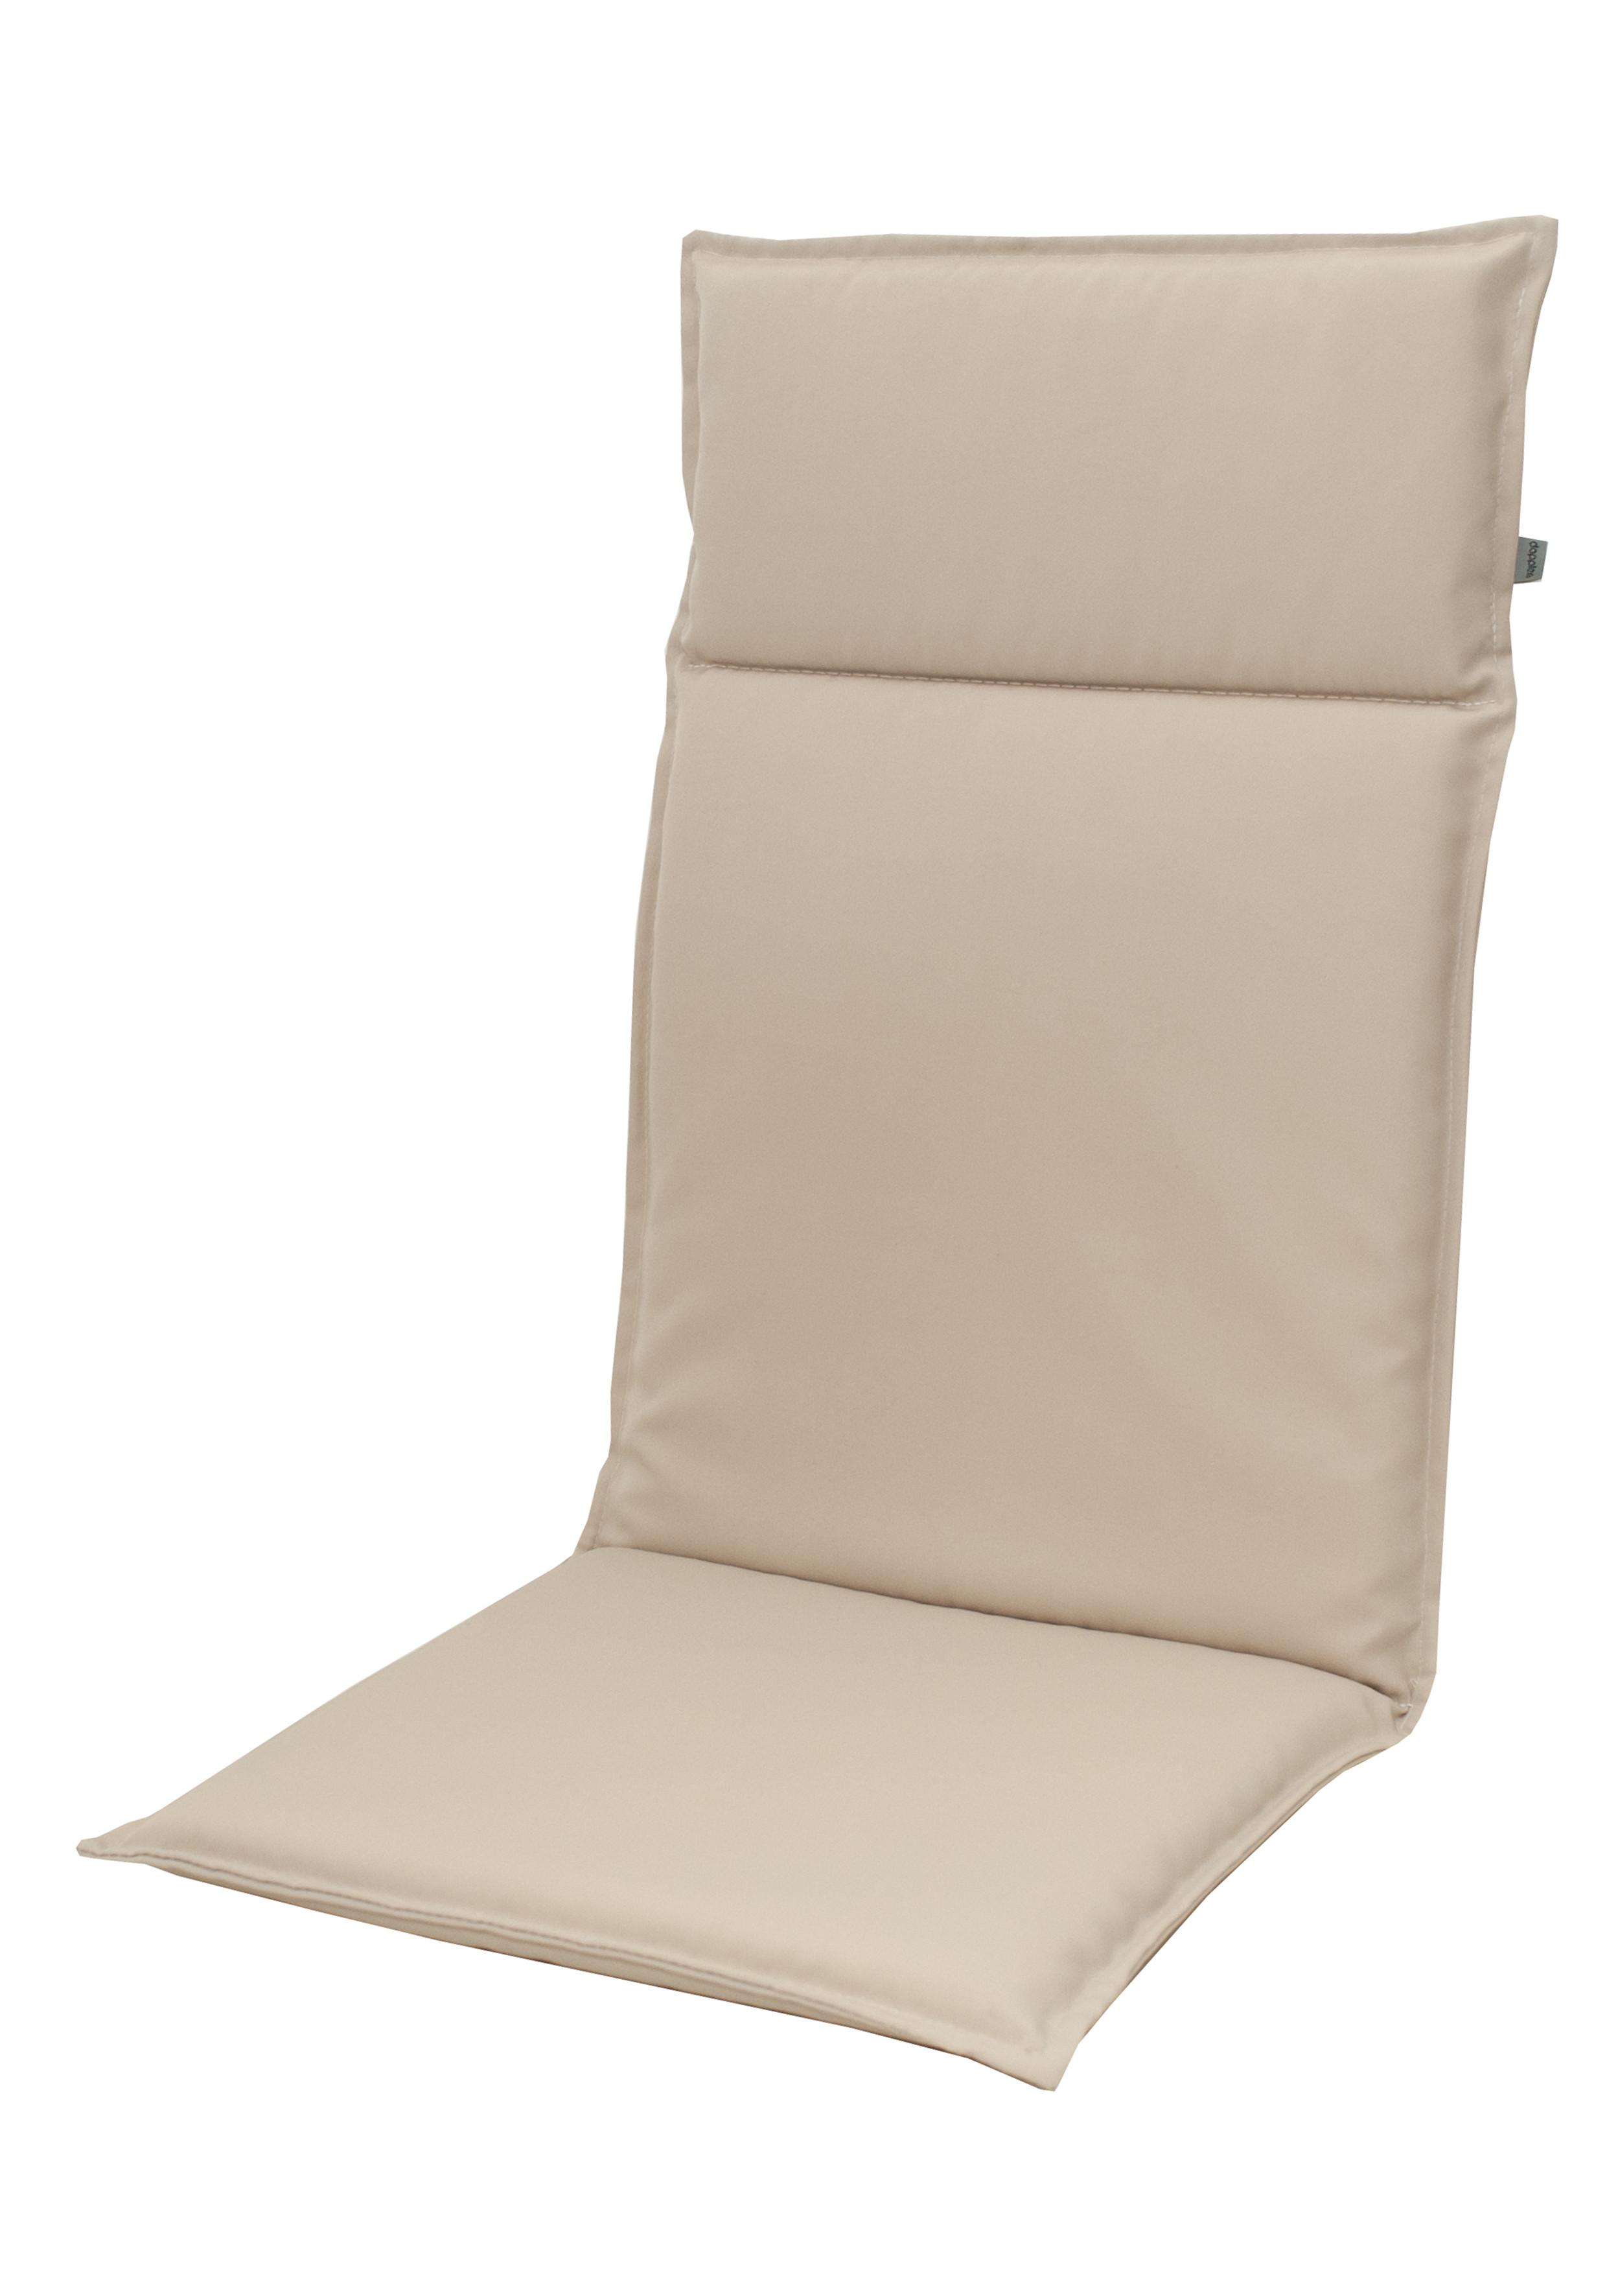 HIT UNI 9820 vysoký - polstr na židli a křeslo